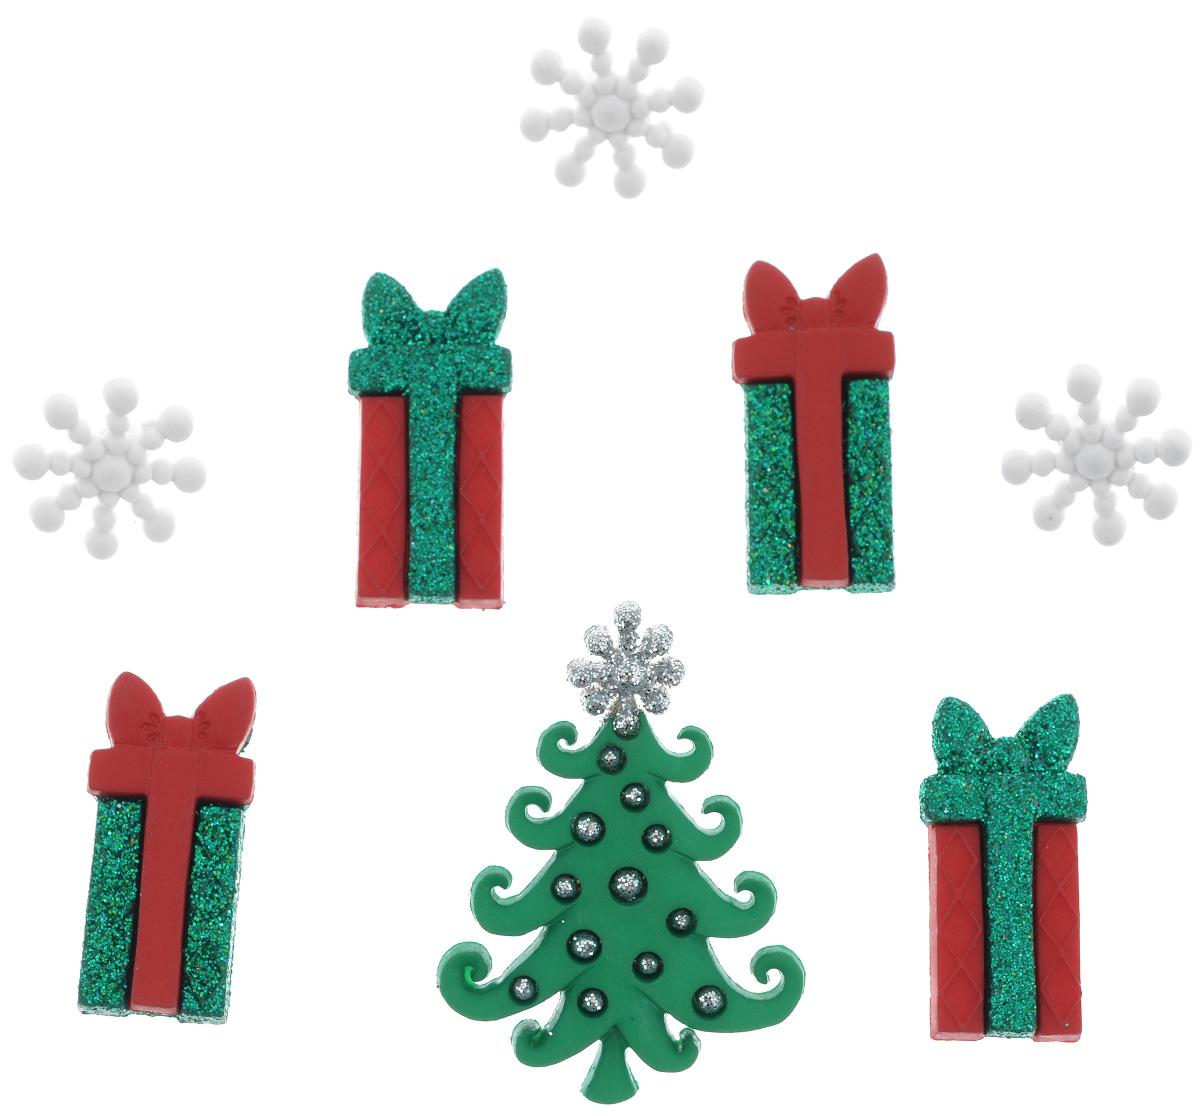 Пуговицы декоративные Dress It Up Необычное Рождество, 8 шт7713509Пуговицы декоративные Dress It Up Необычное Рождество состоит из 8 декоративных пуговиц, выполненных из цветного пластика в виде снежинок, елки, подарков. Такие пуговицы подходят для любых видов творчества: скрапбукинга, декорирования, шитья, изготовления кукол, а также для оформления одежды. С их помощью вы сможете украсить открытку, фотографию, альбом, подарок и другие предметы ручной работы. Пуговицы разных цветов имеют оригинальный и яркий дизайн. Средний размер пуговиц: 3,5 см х 2 см х 0,3 см.